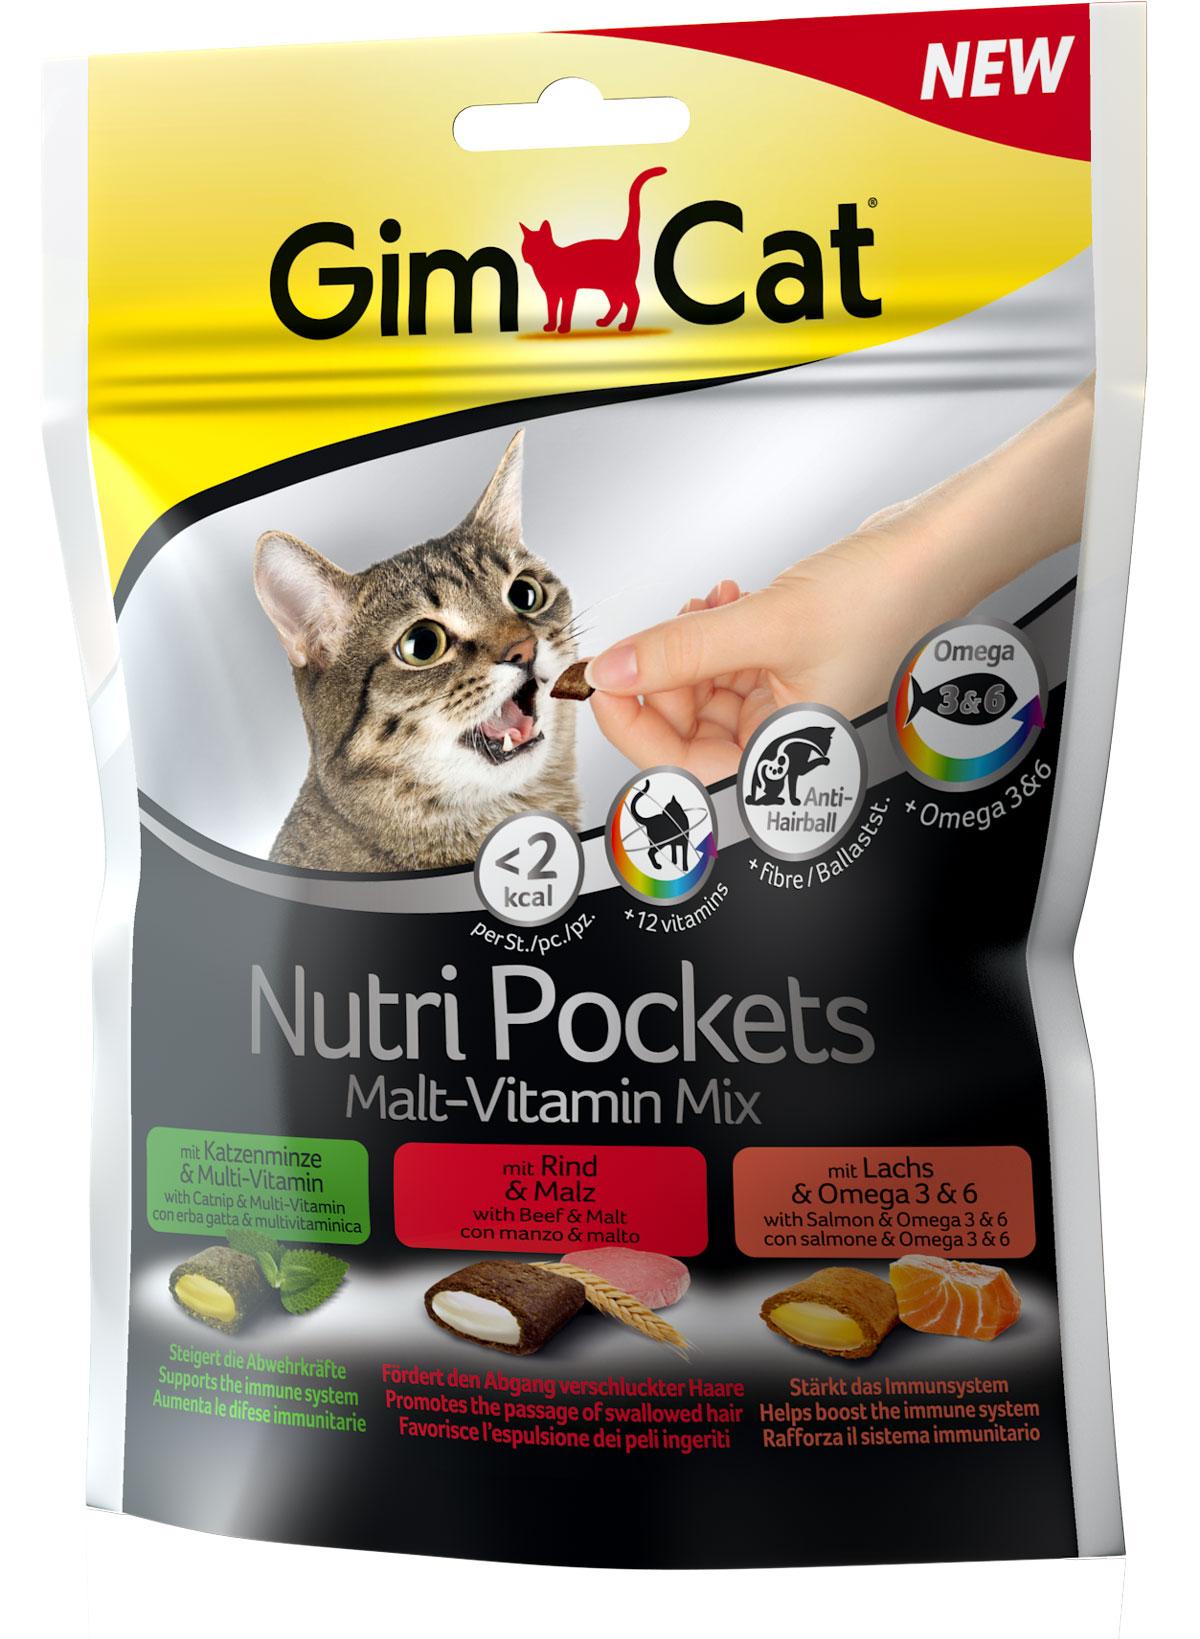 Лакомство для взрослых кошек Gimcat NutriPockets, подушечки, 150 г0120710NutriPockets от GimCat — хрустящие подушечки с вкусной и полезной начинкой. Подушечки с пастой Бьюти содержат биотин и цинк, которые делают шерсть более блестящей и здоровой, ускоряют процесс линьки, помогают сделать кожу более эластичной, а когти — более крепкими. C кошачьей мятой и мультивитаминной пастой - содержит 12 жизненно важных витаминов для укрепления естественных защитных сил организма.NutriPockets от GimCat являются дополнительным кормом для кошек.